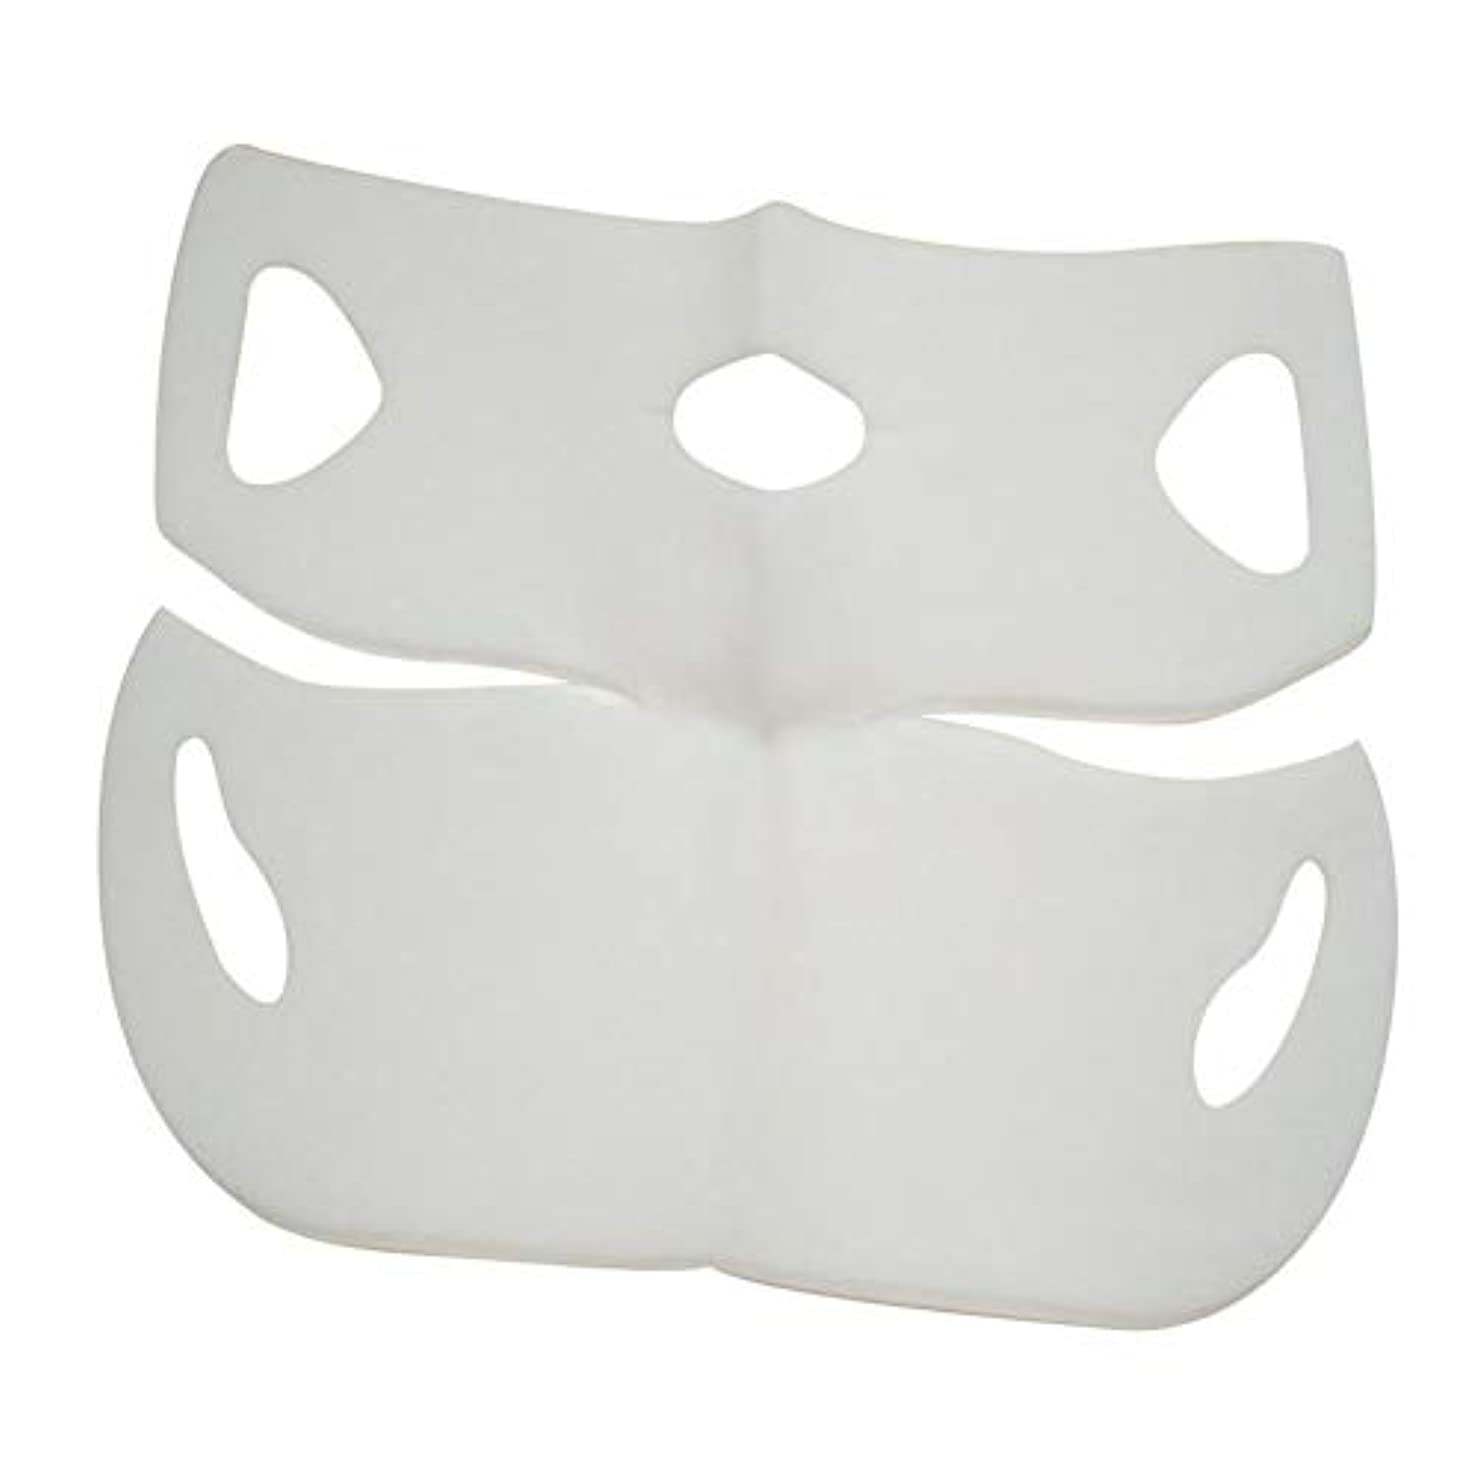 予報怖がらせる休眠SILUN 最新型 4D Vフェイシャルマスク フェイスマスク 小顔 マスク フェイスラインベルト 美顔 顔痩せ 肌ケア 保湿 毛細血管収縮 睡眠マスク